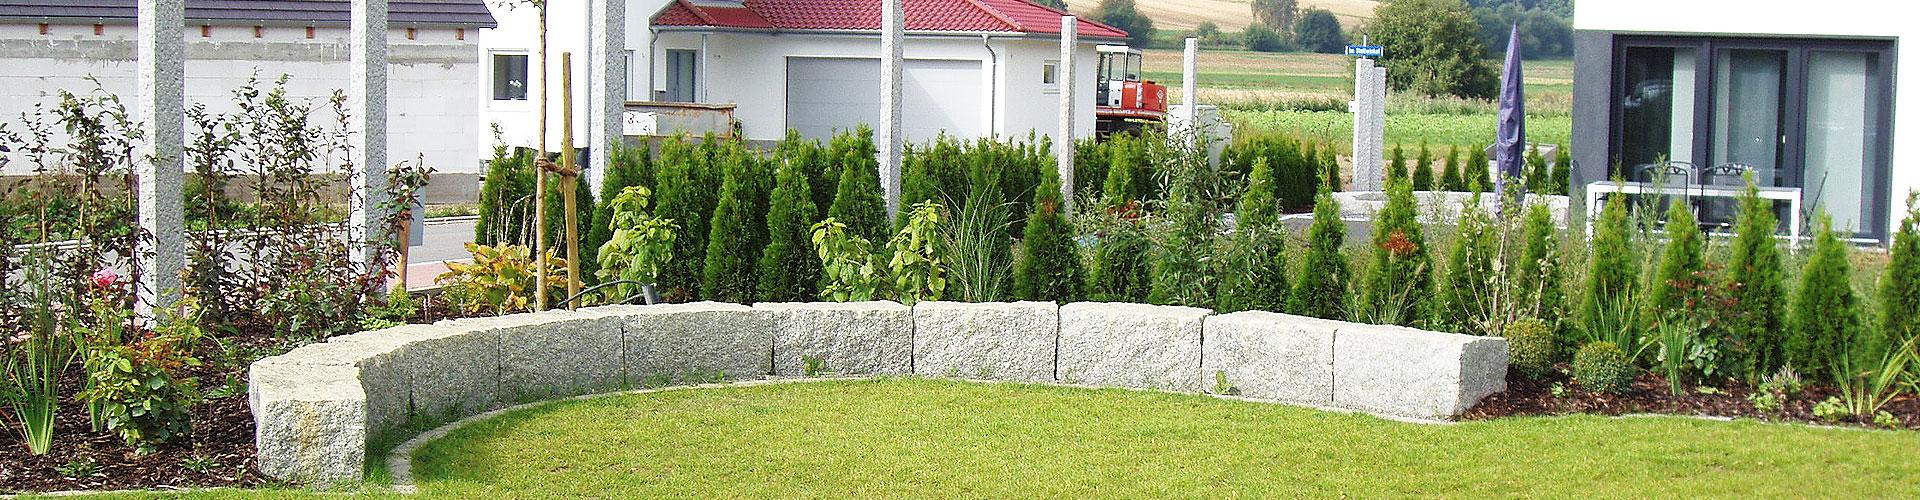 Terrassenpromenade